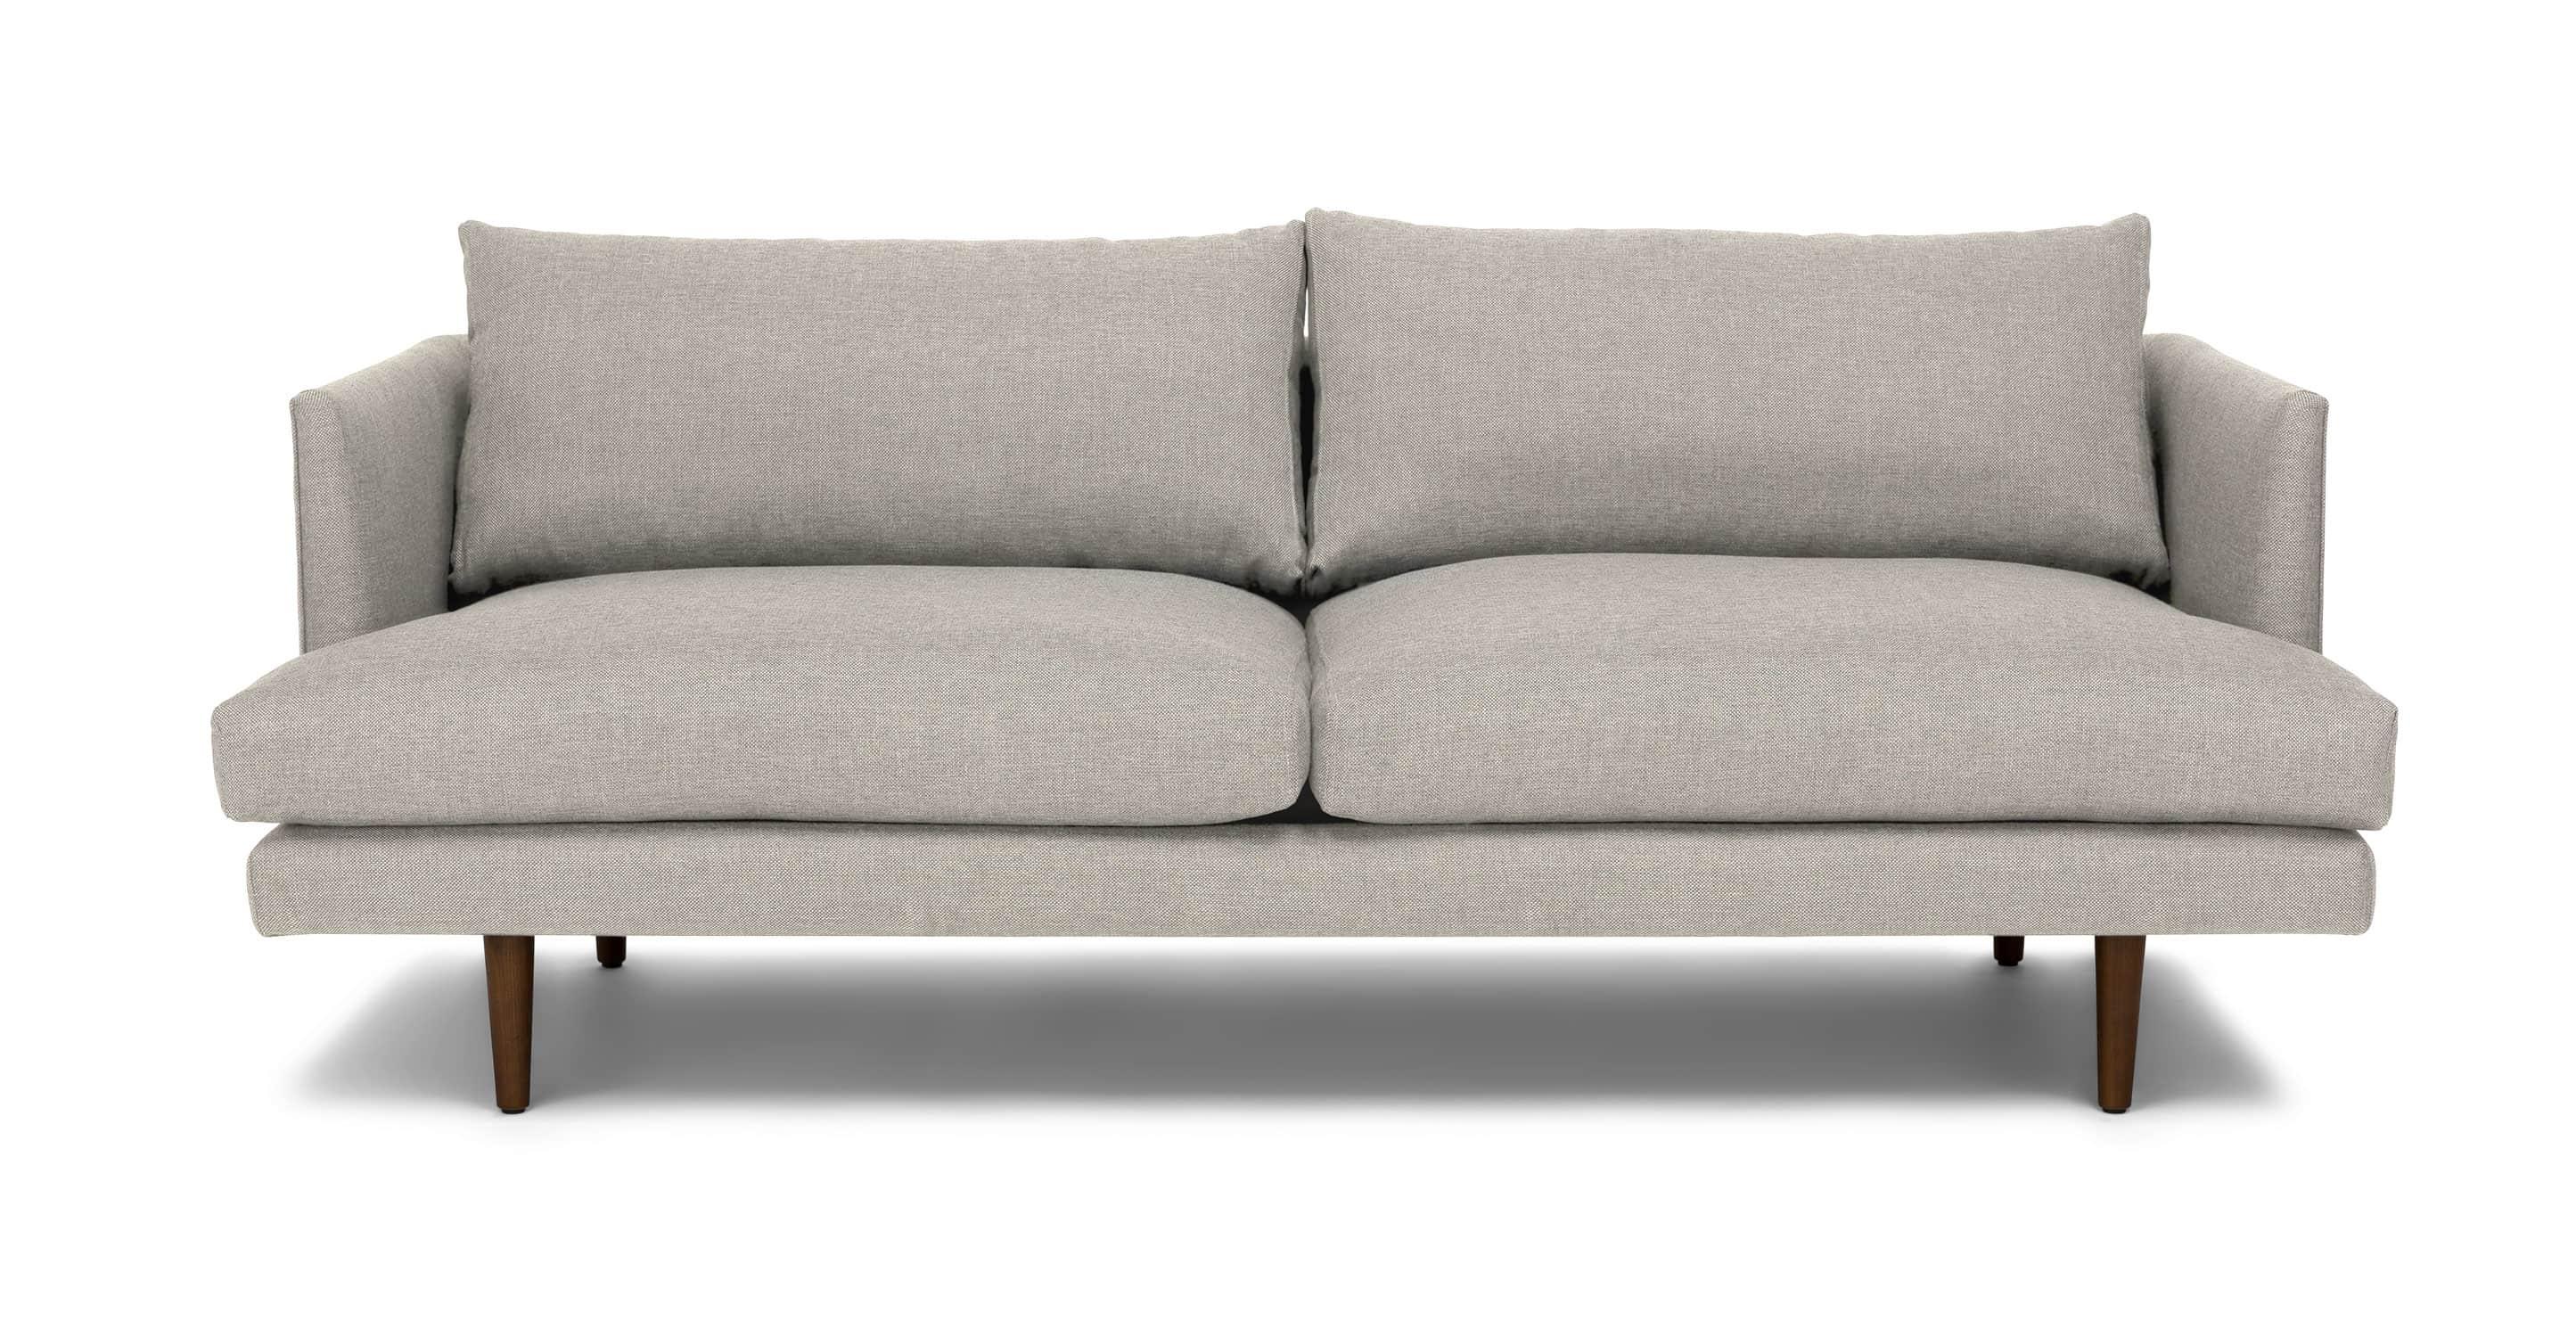 Article Quadra Sofa Review Awesome Home